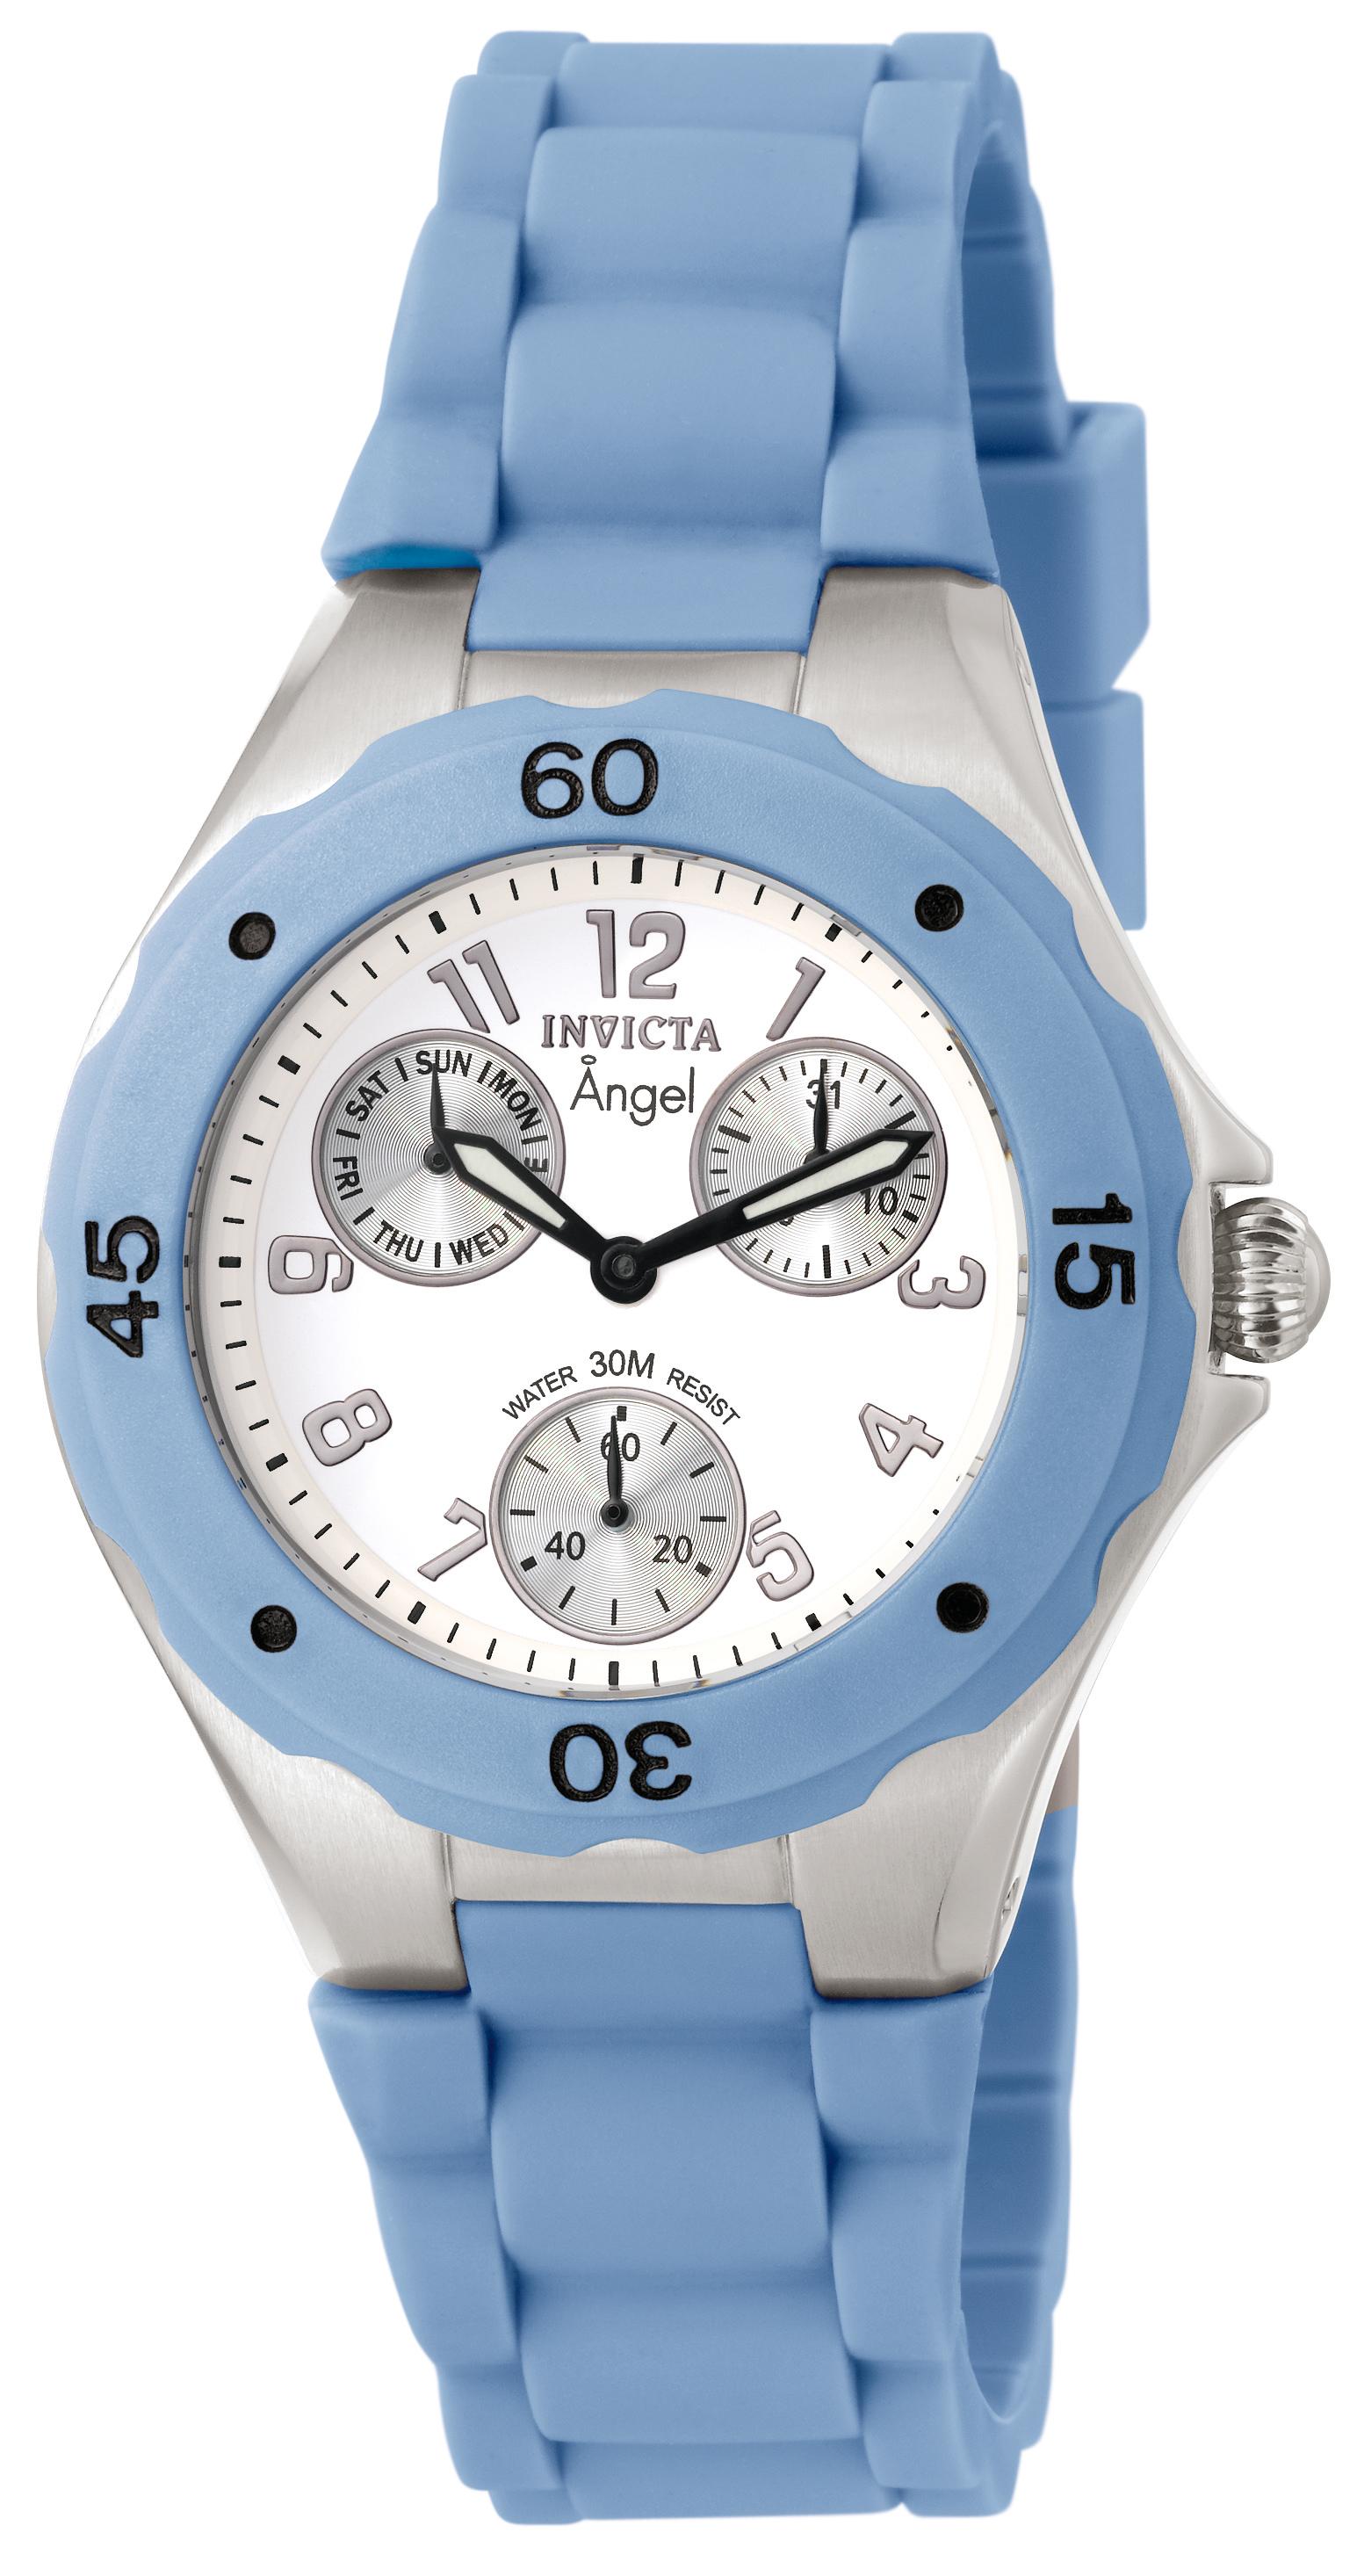 Dámské hodinky Invicta Angel Jelly Fish 0735